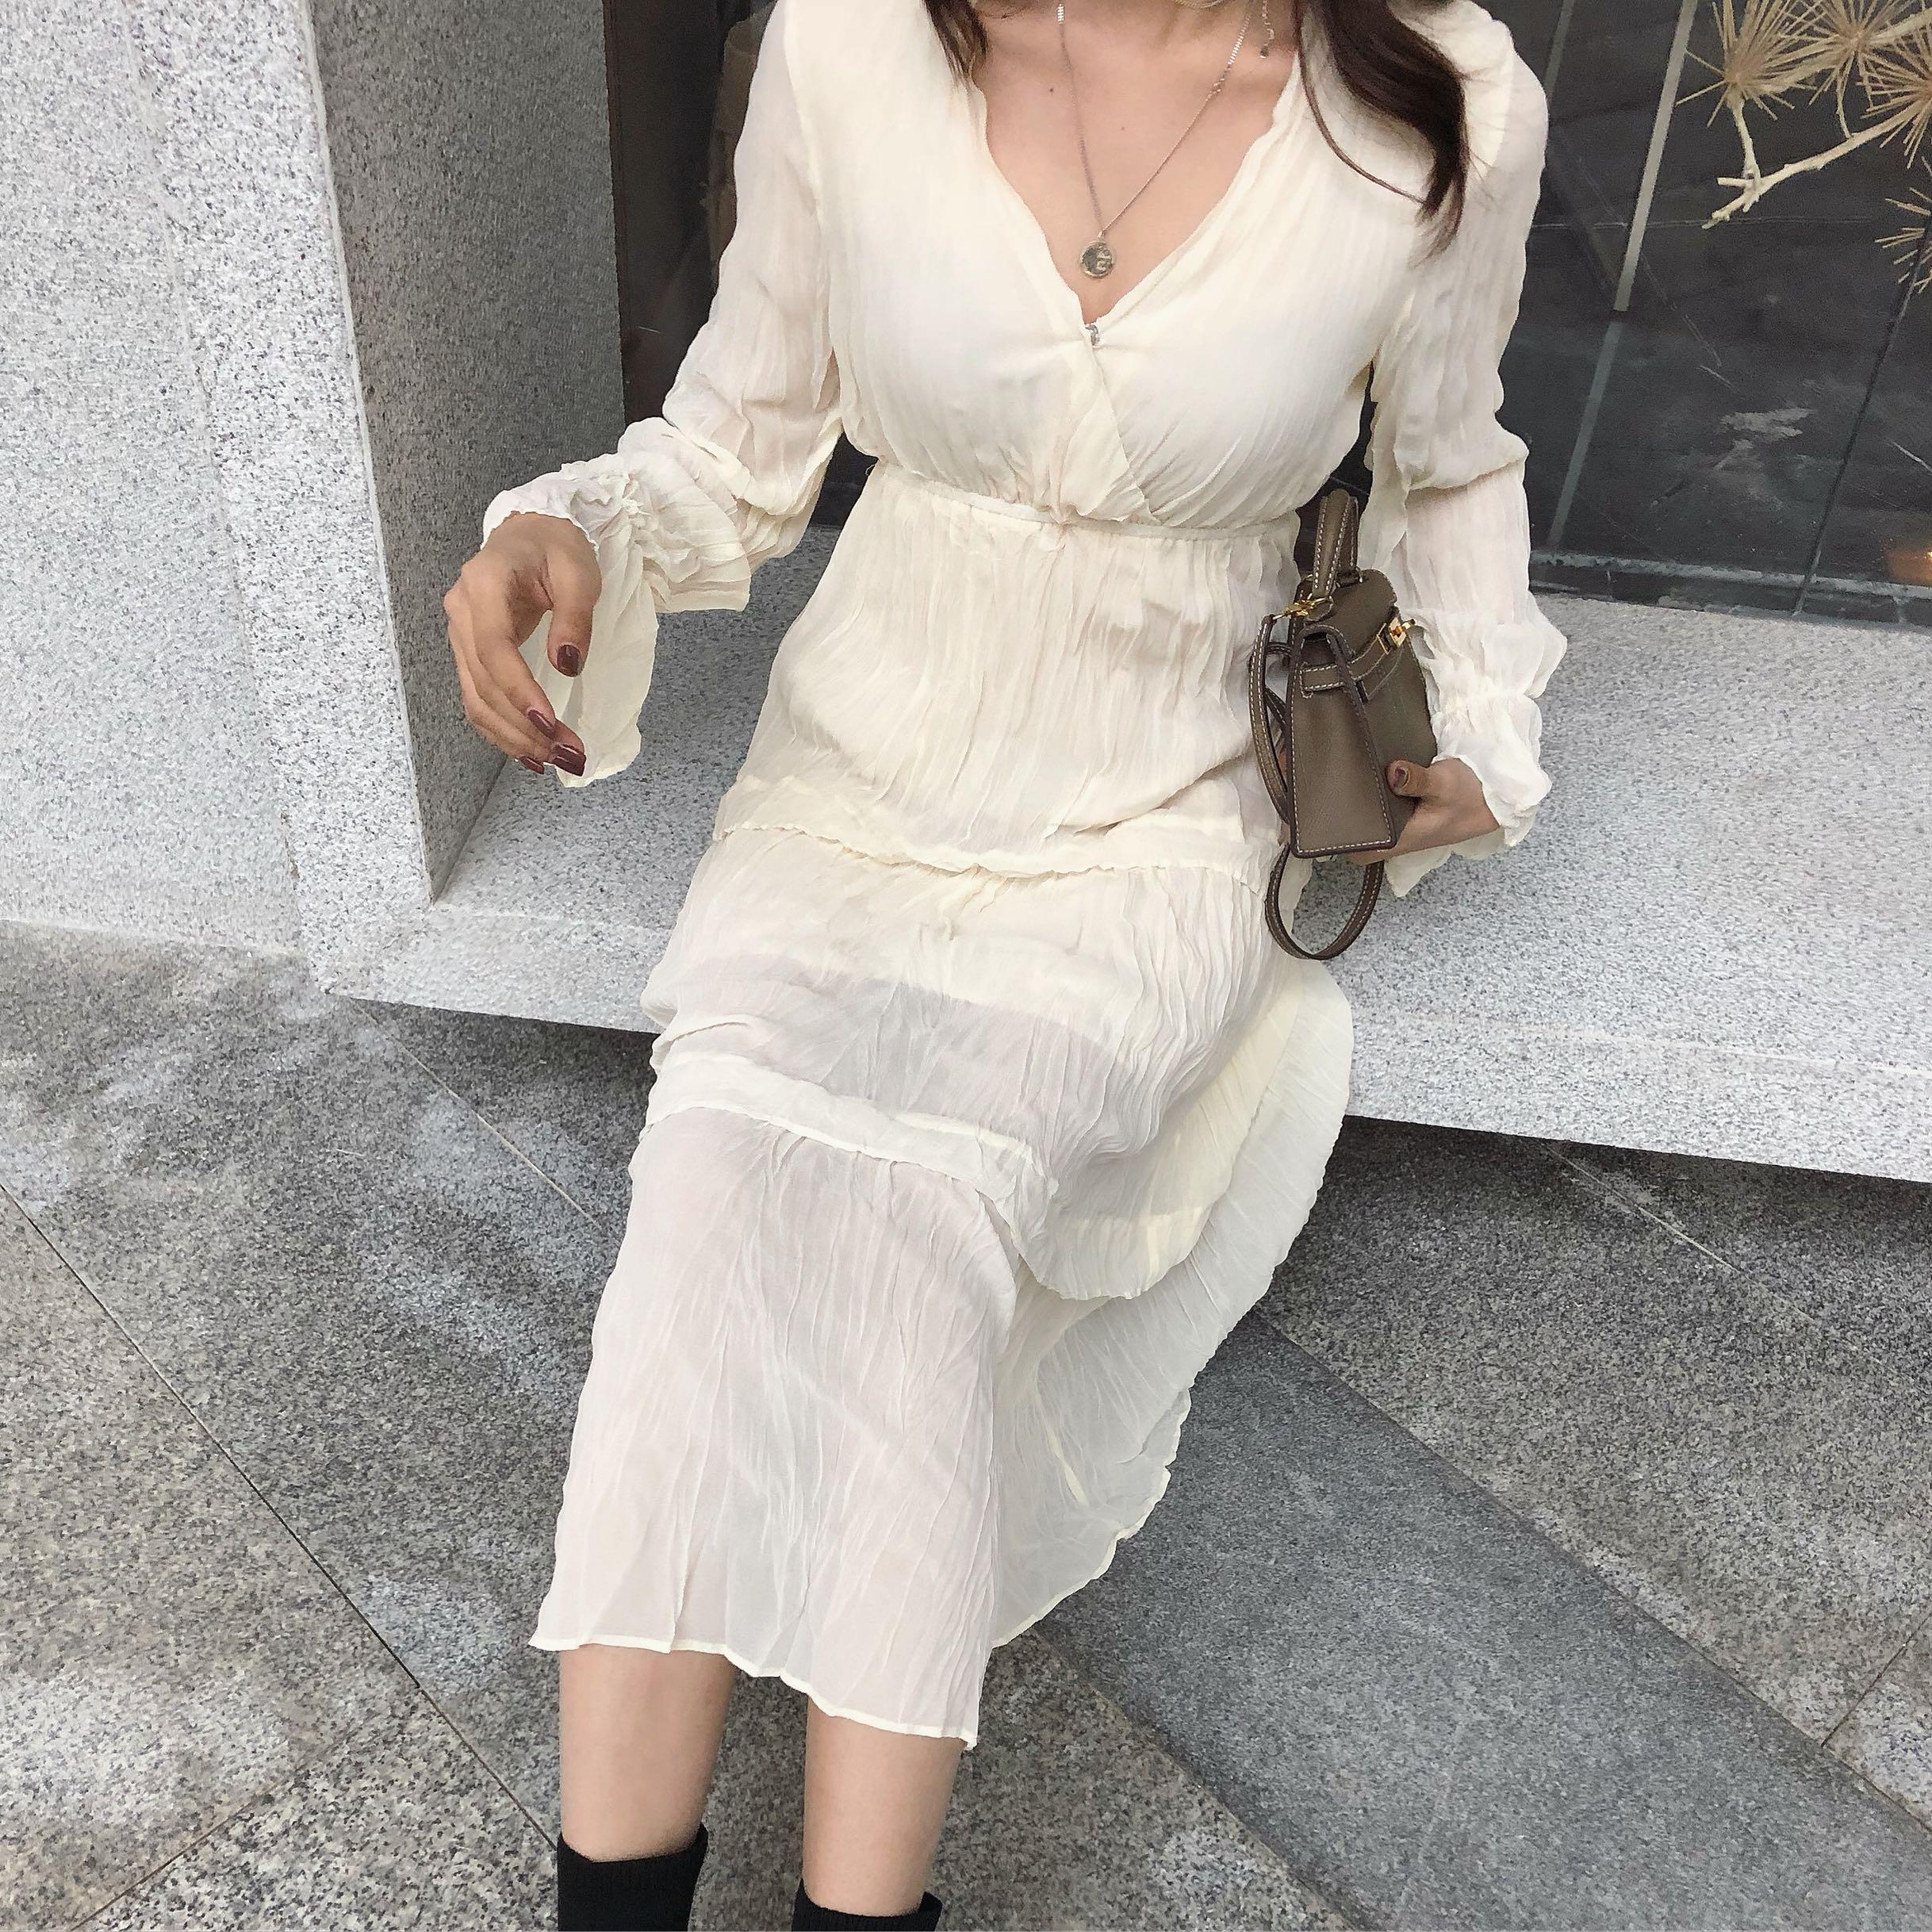 限8000张券韩范气质连衣裙珍珠纱超仙长裙特色ins超火网红同款舒服显瘦显高